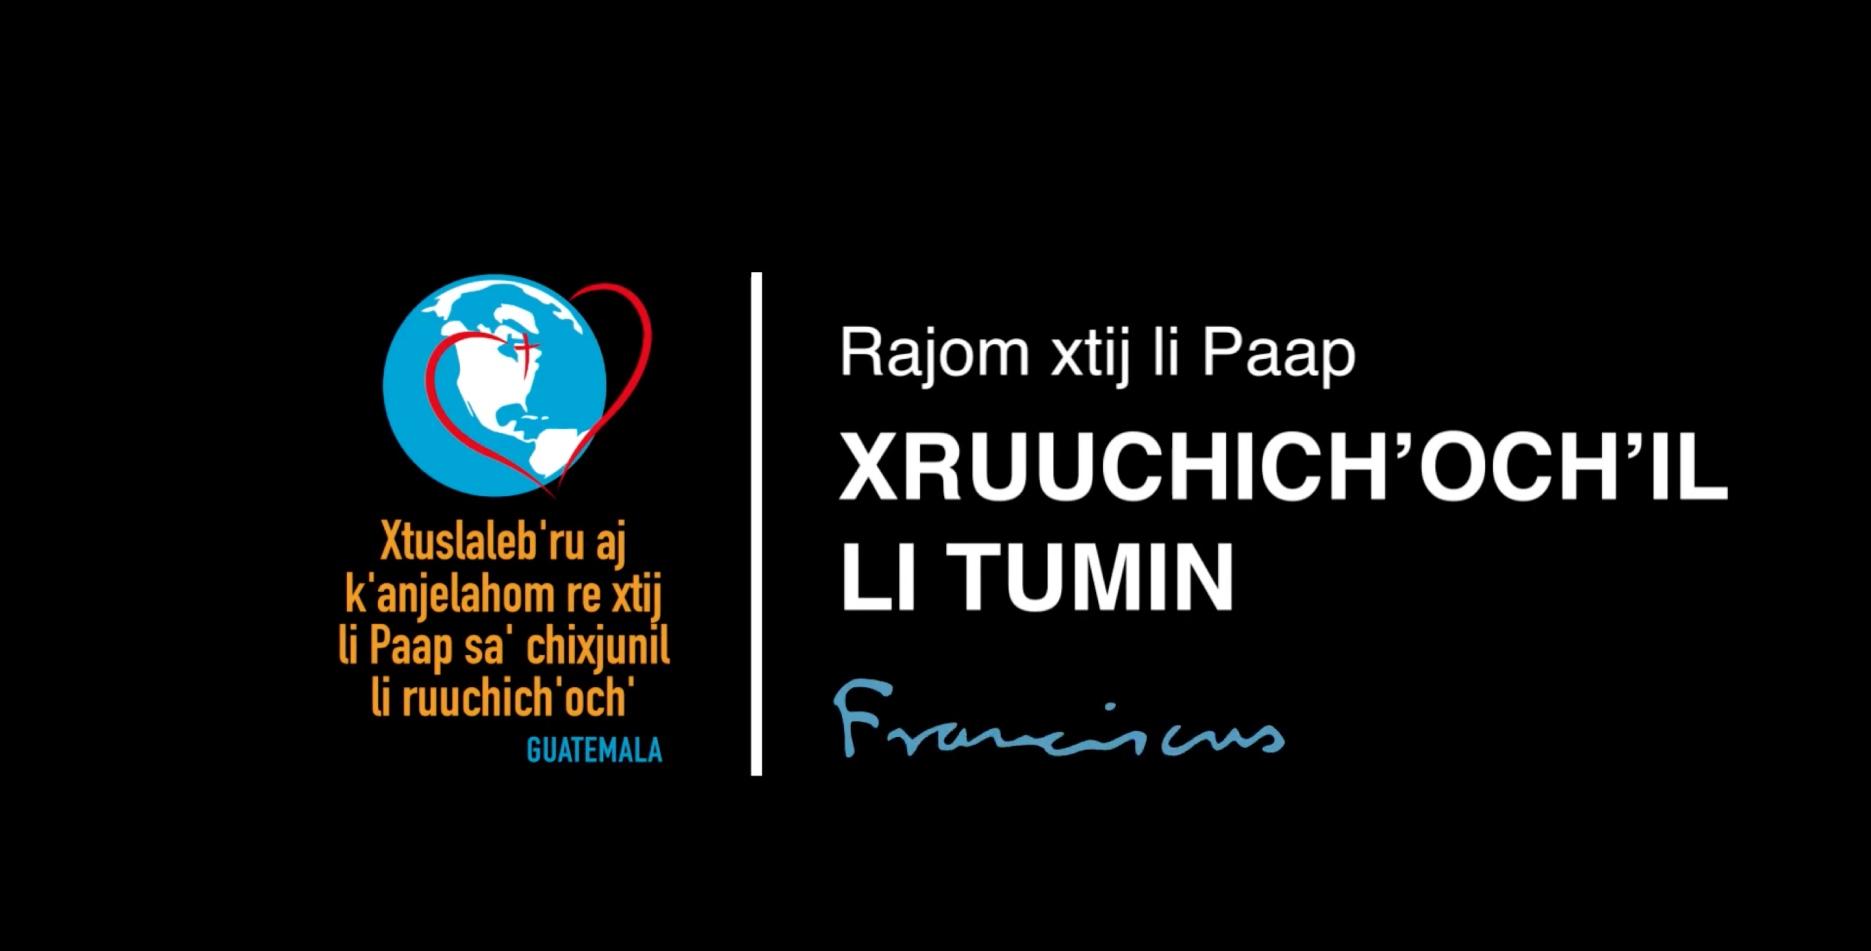 05 | XRUUCHICH'OCH'IL LI TUMIN